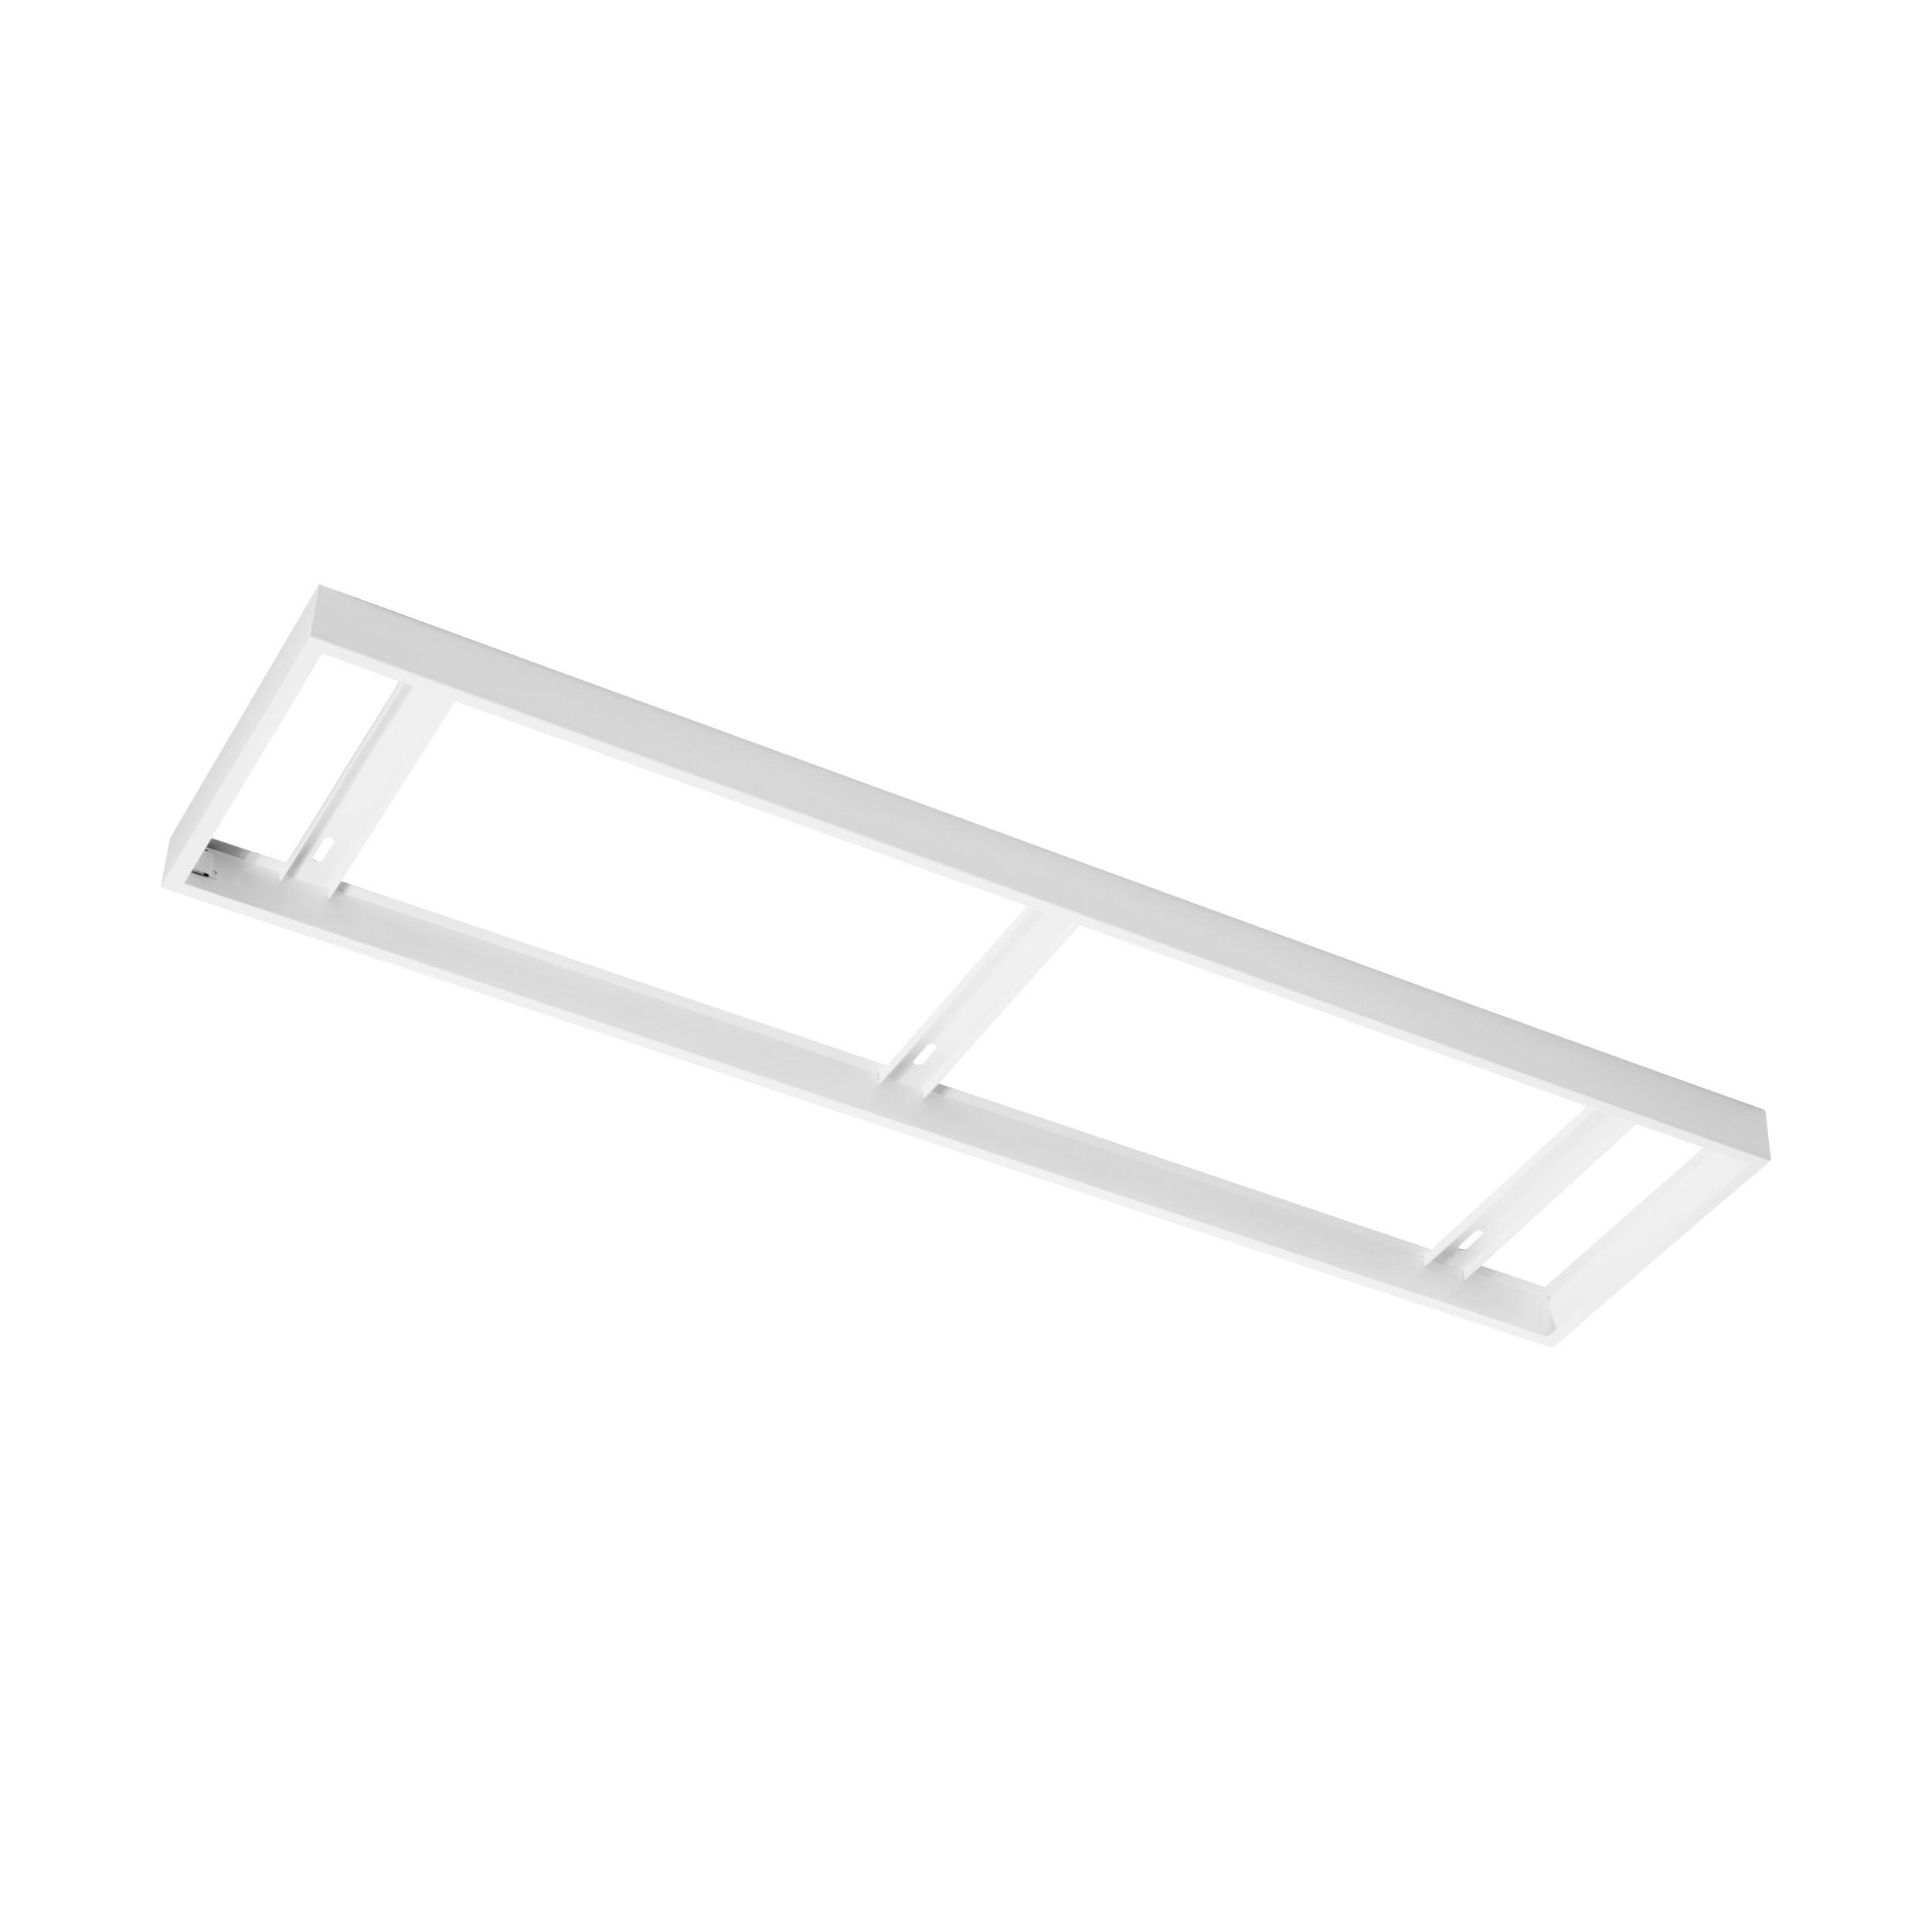 1 Stk Aufbaurahmen für Salobrena 1 1.200 / 1.250 weiß  LI61361---